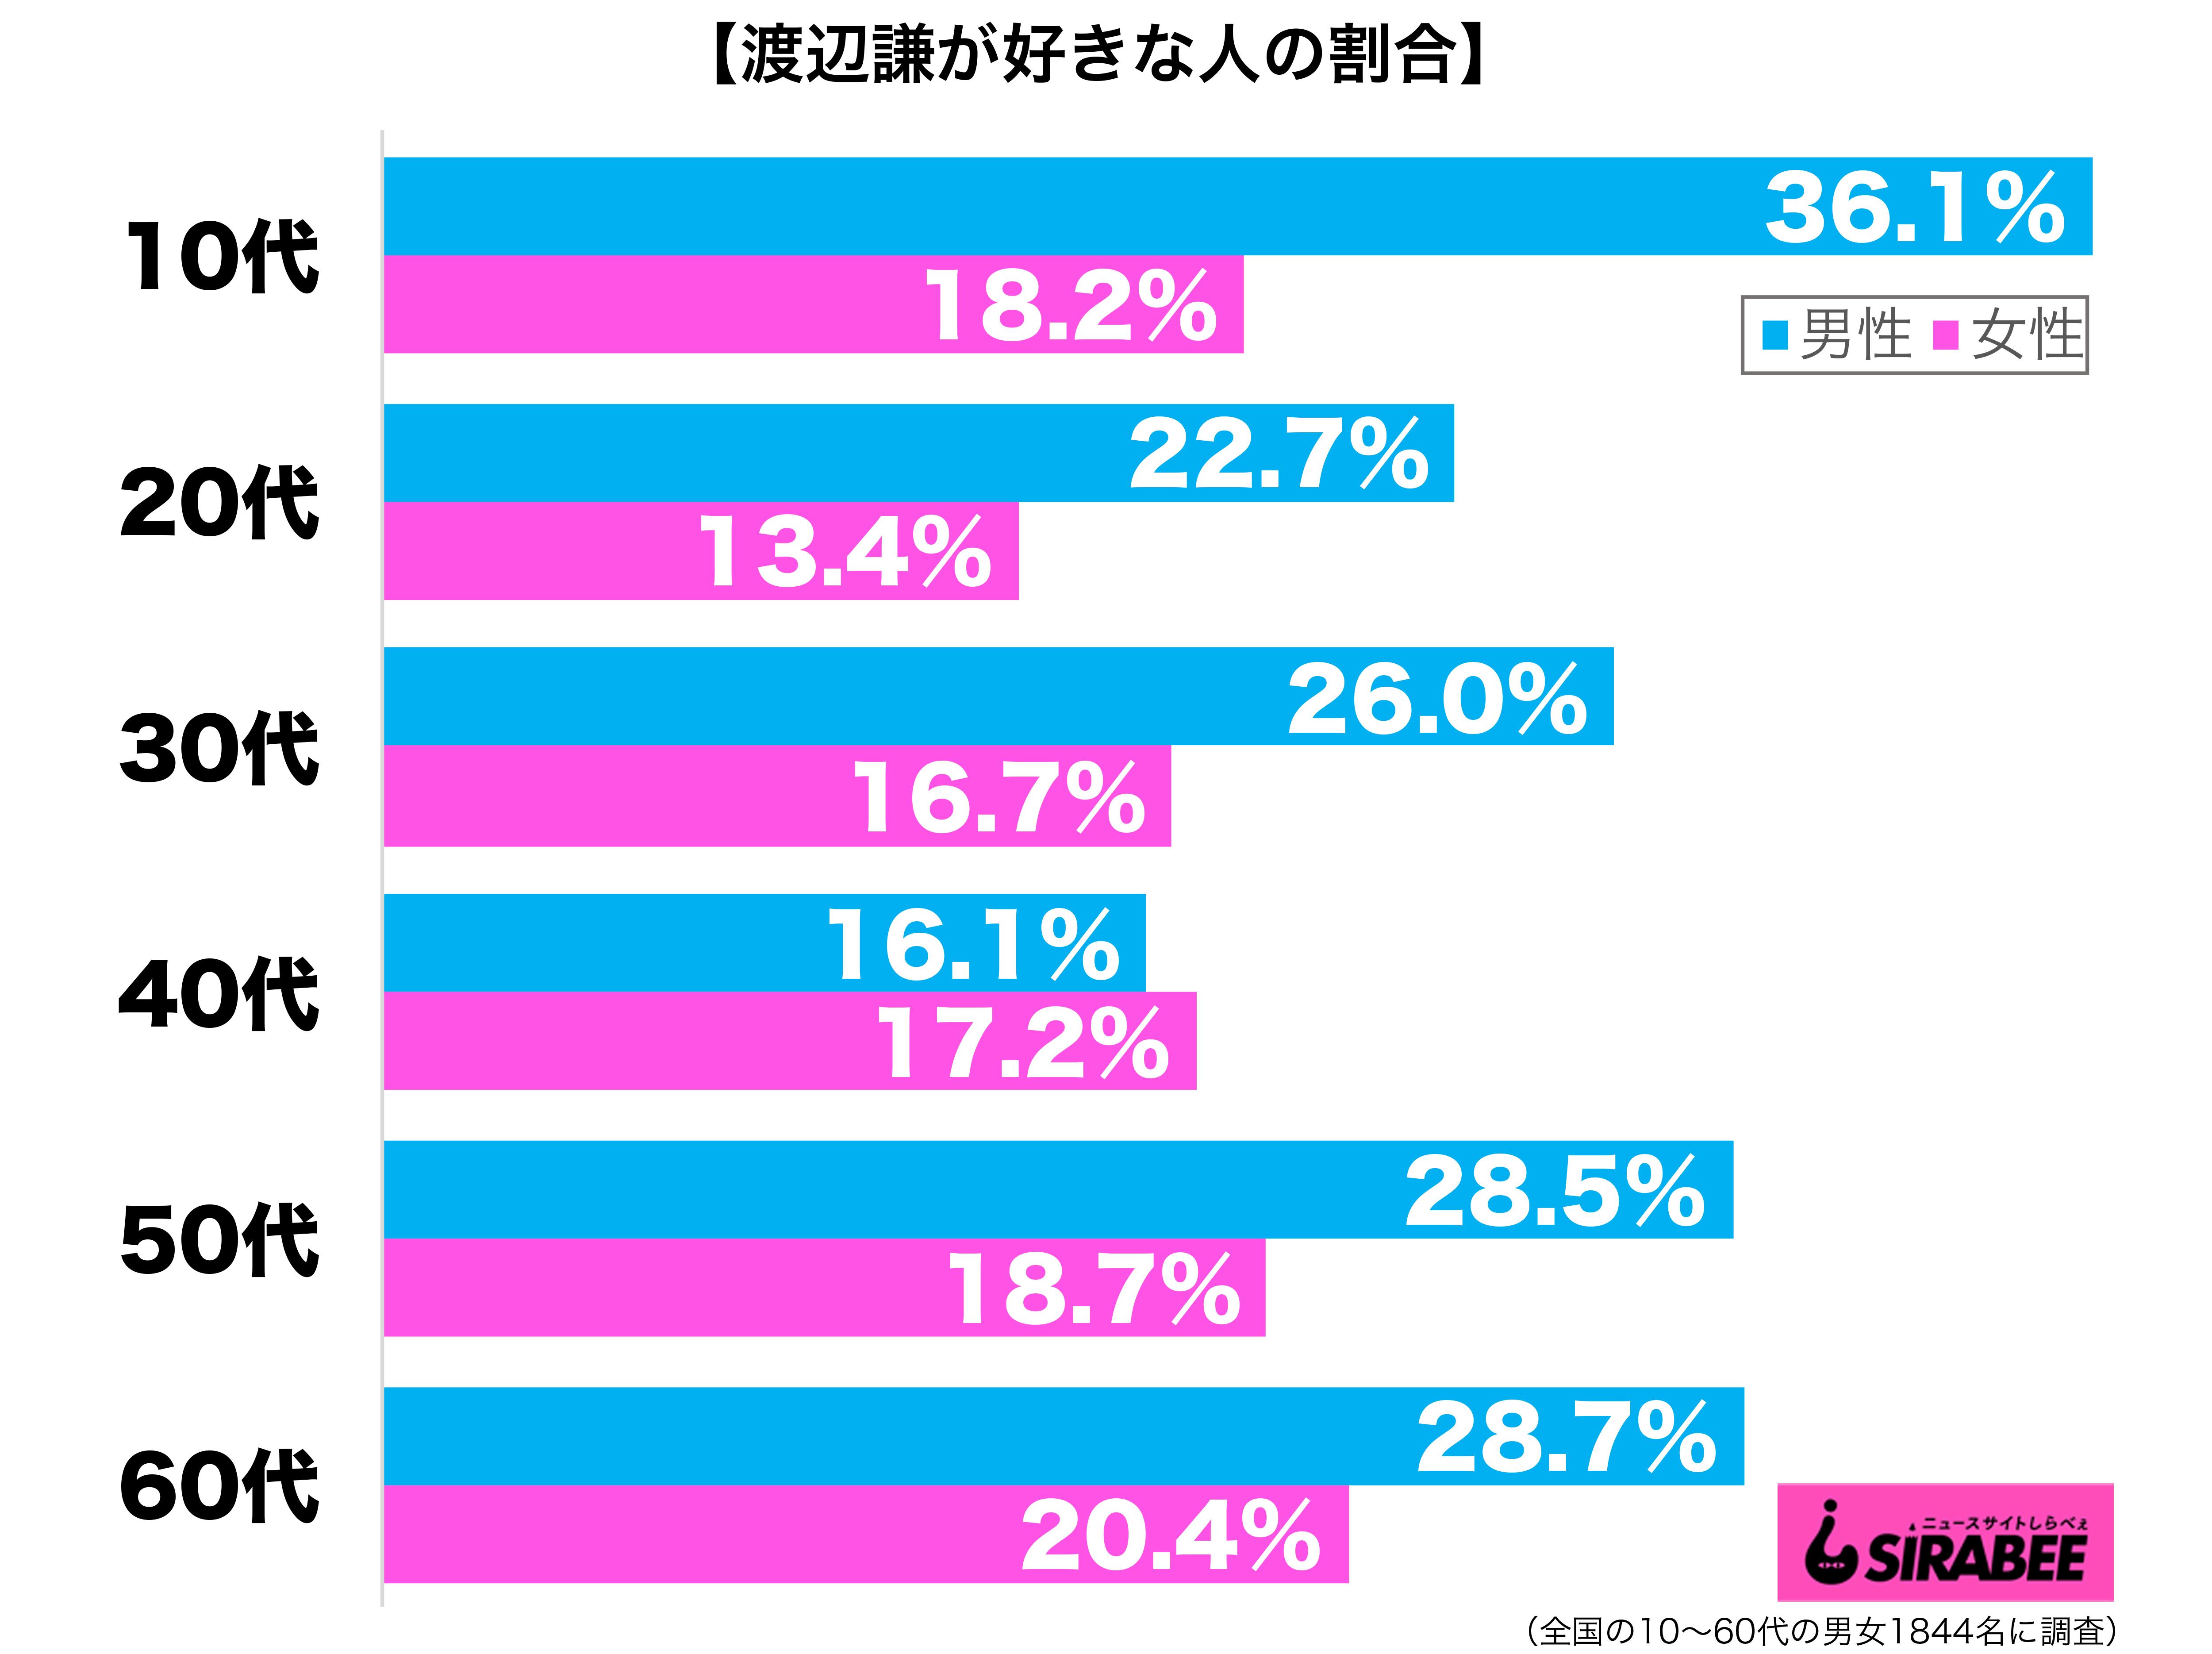 渡辺謙が好き性年代別グラフ